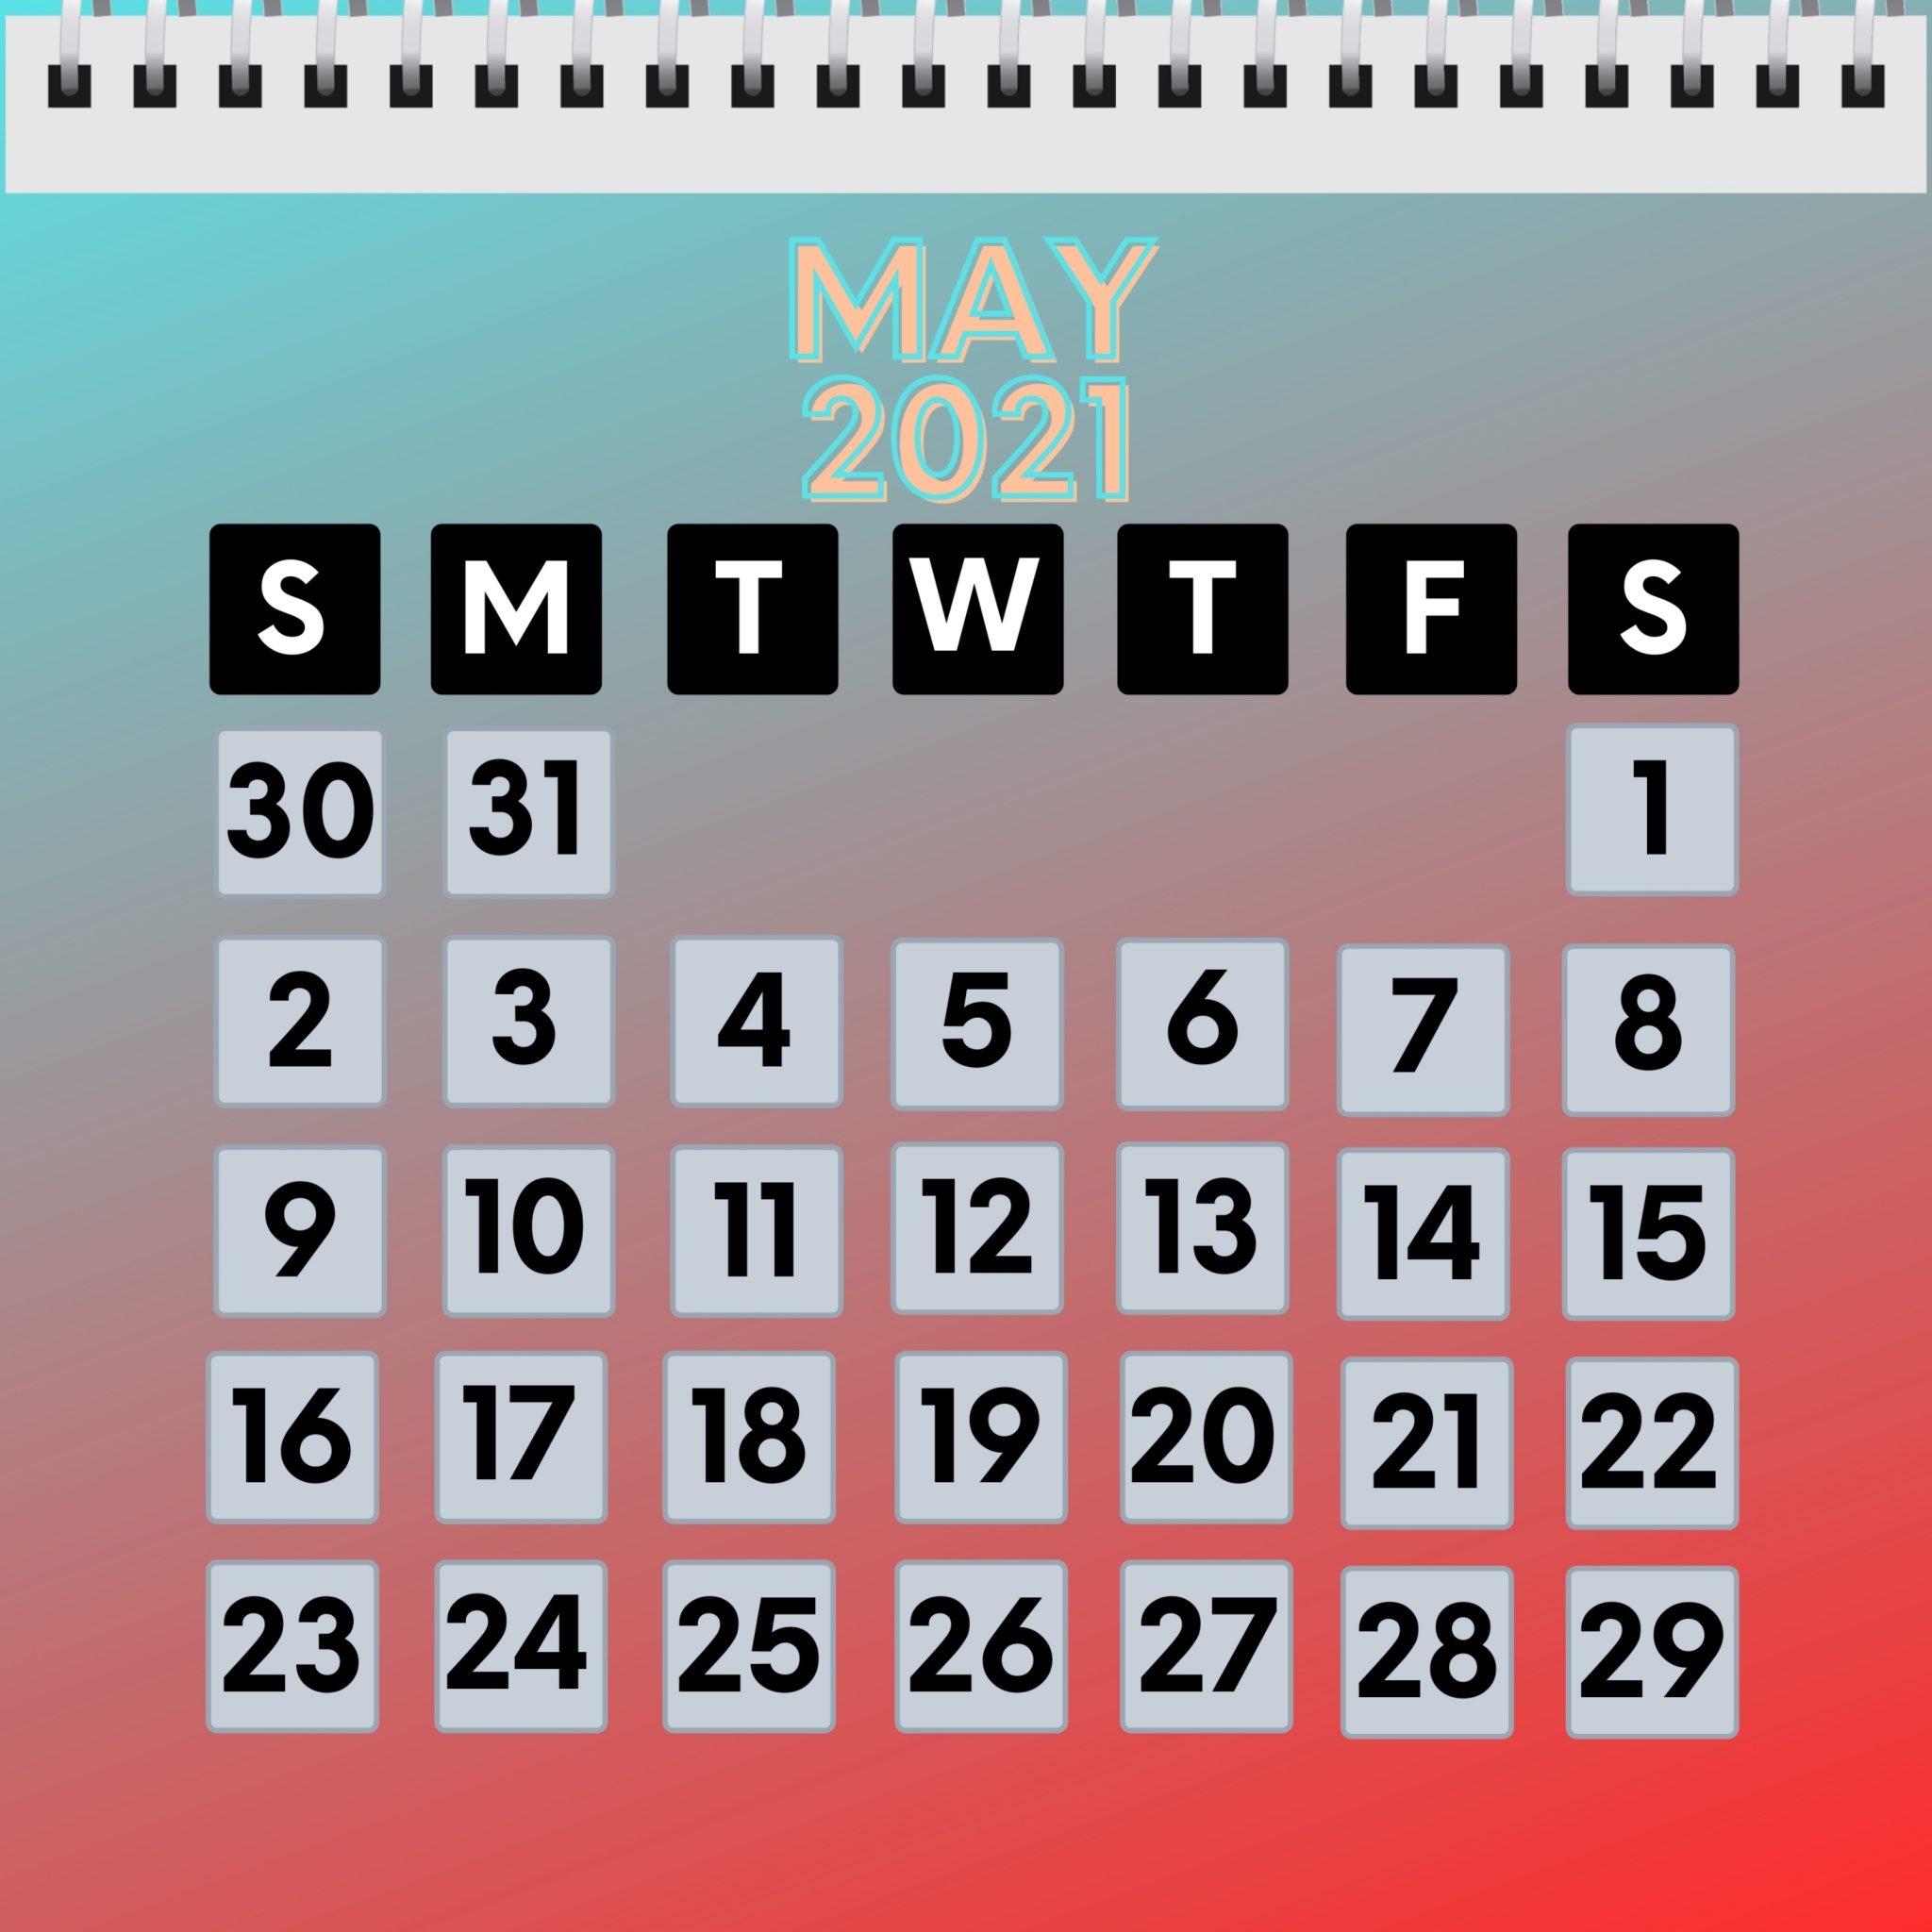 May 2021 iPad Calendar Wallpaper